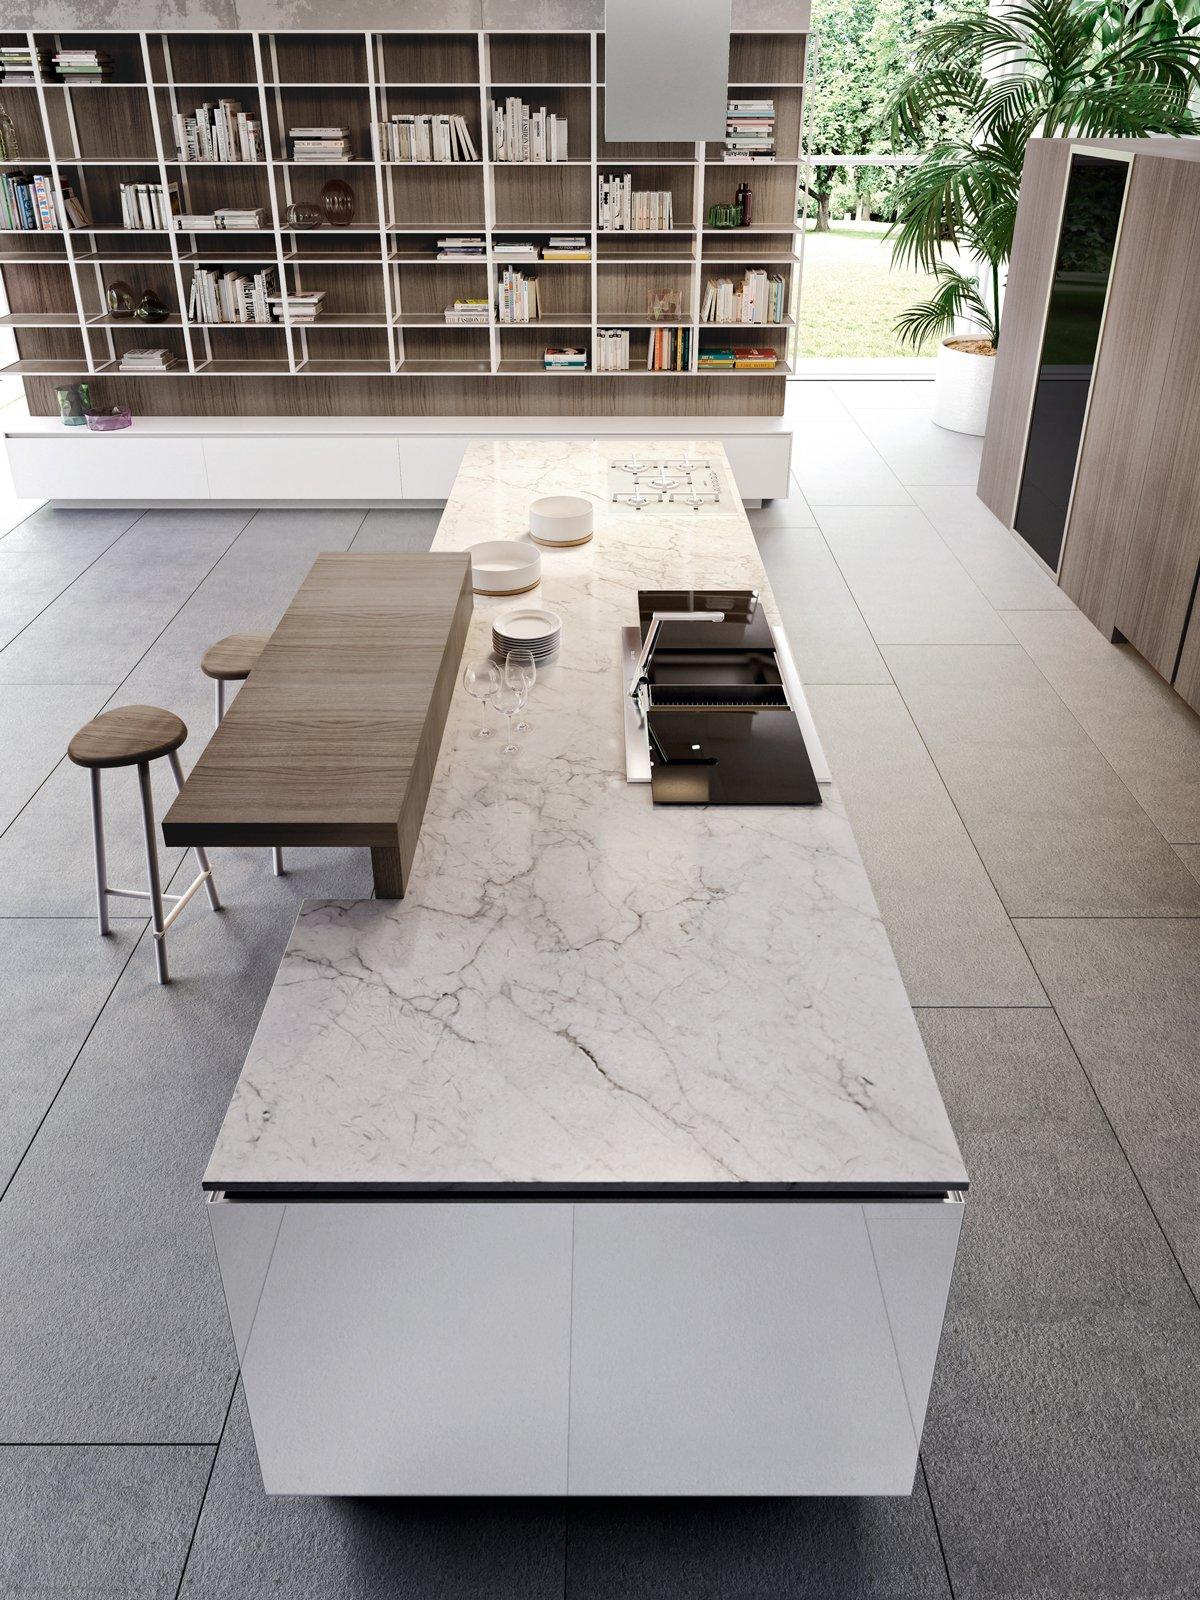 Cucine con grandi piani di lavoro cose di casa for Designer di piani di pavimenti online